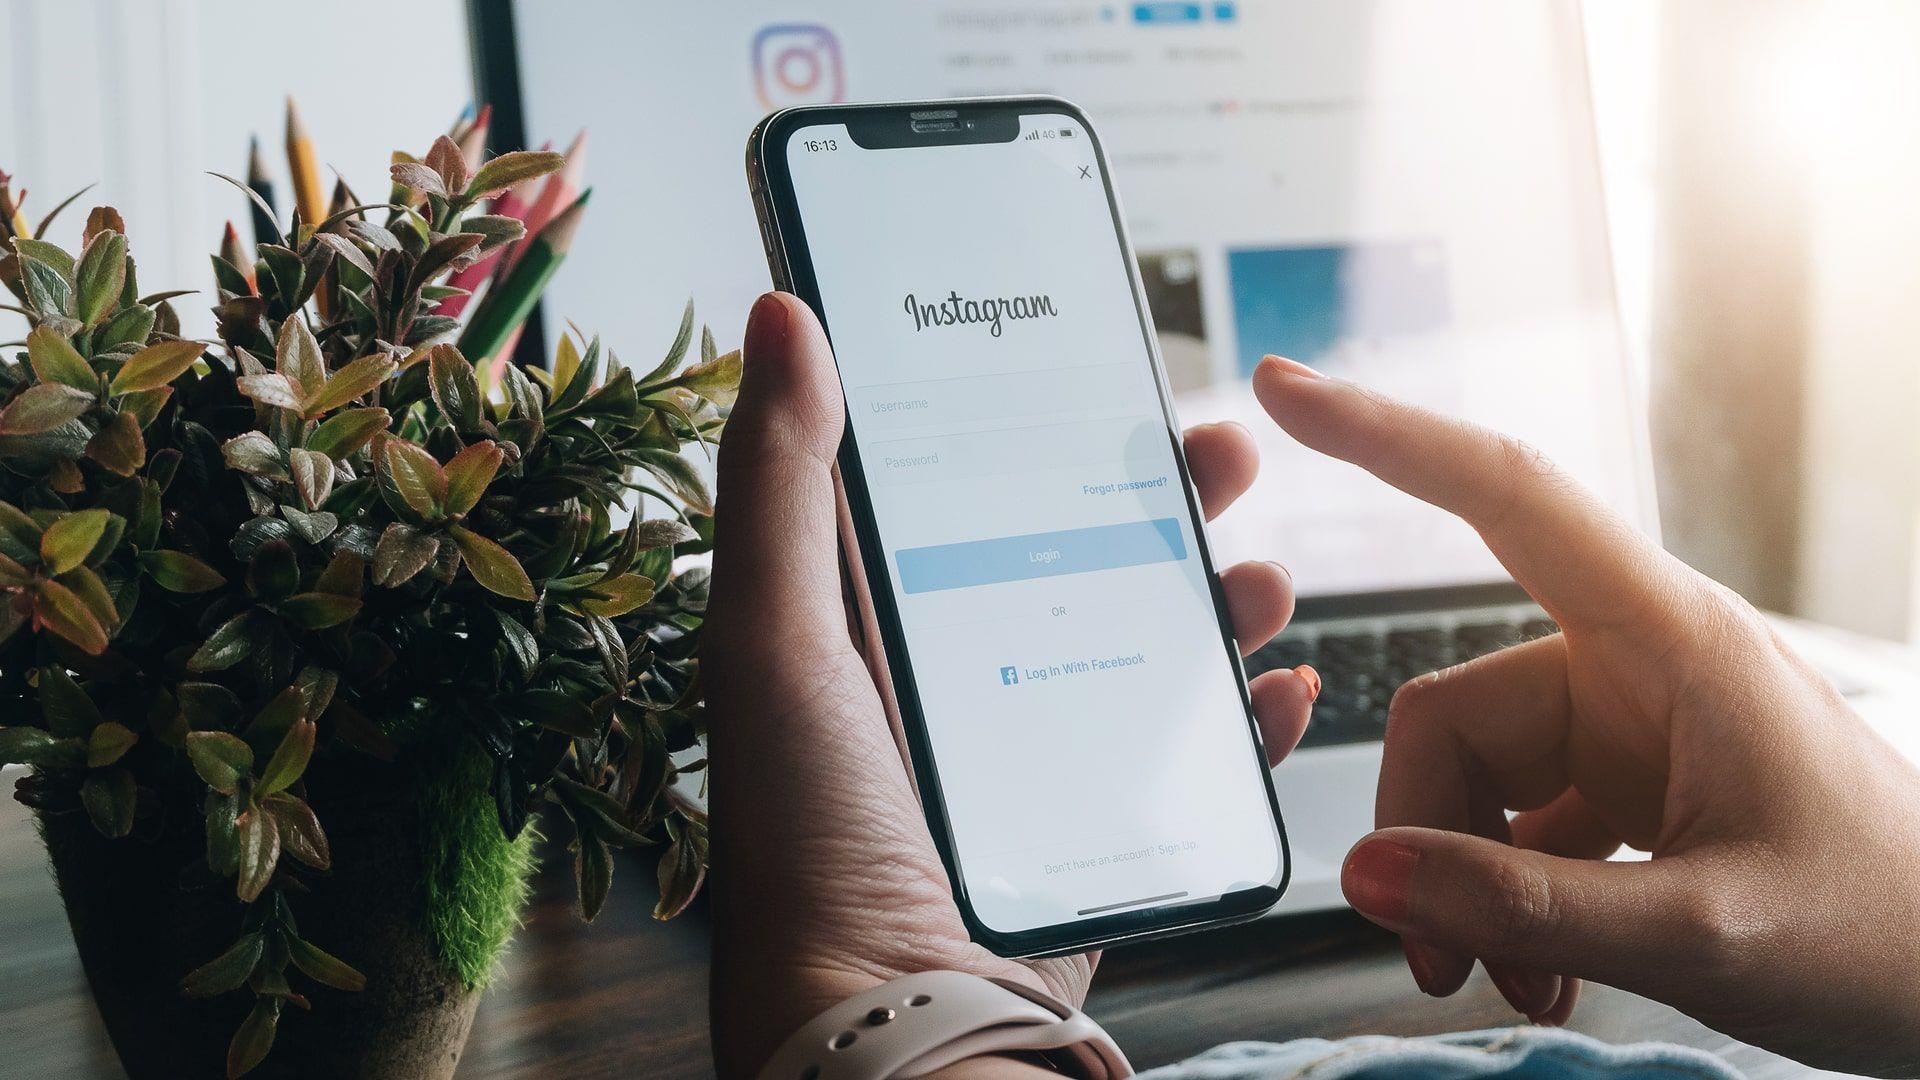 Como ganhar seguidores no Instagram? Veja dicas para bombar seu perfil (Foto: Shutterstock)